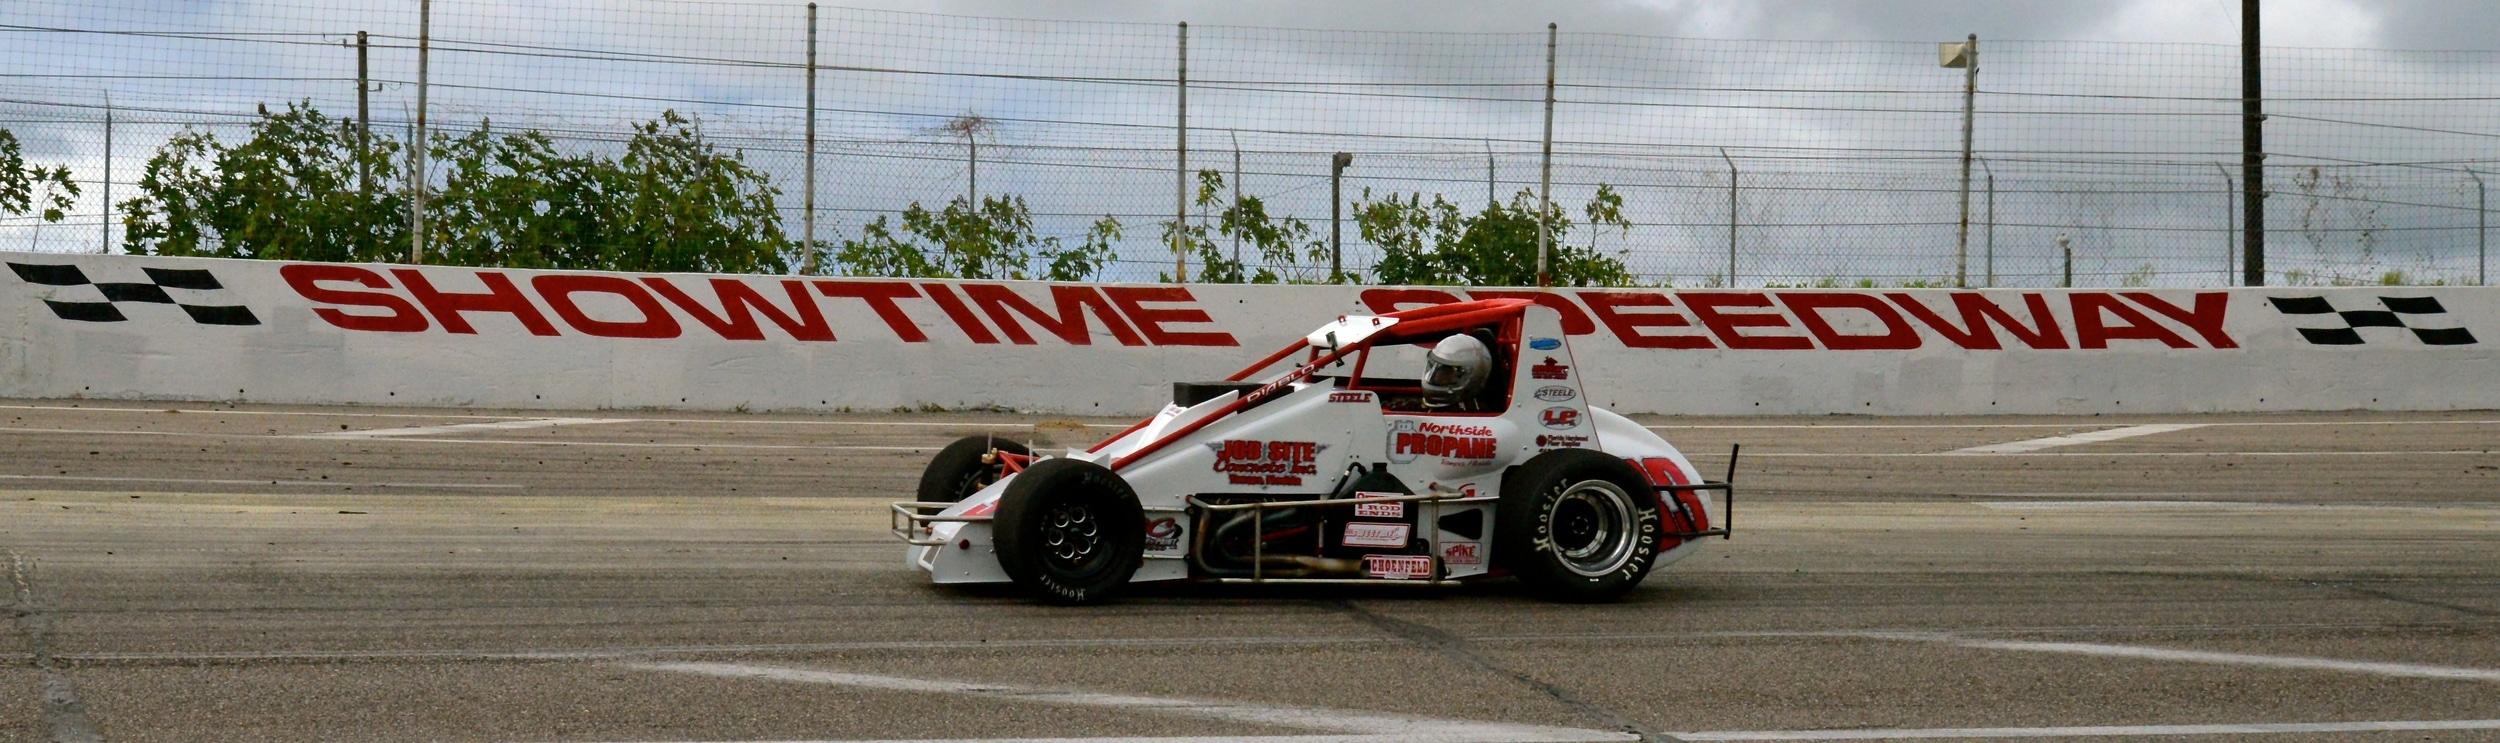 David Steele Little 500 - Showtime Speedway